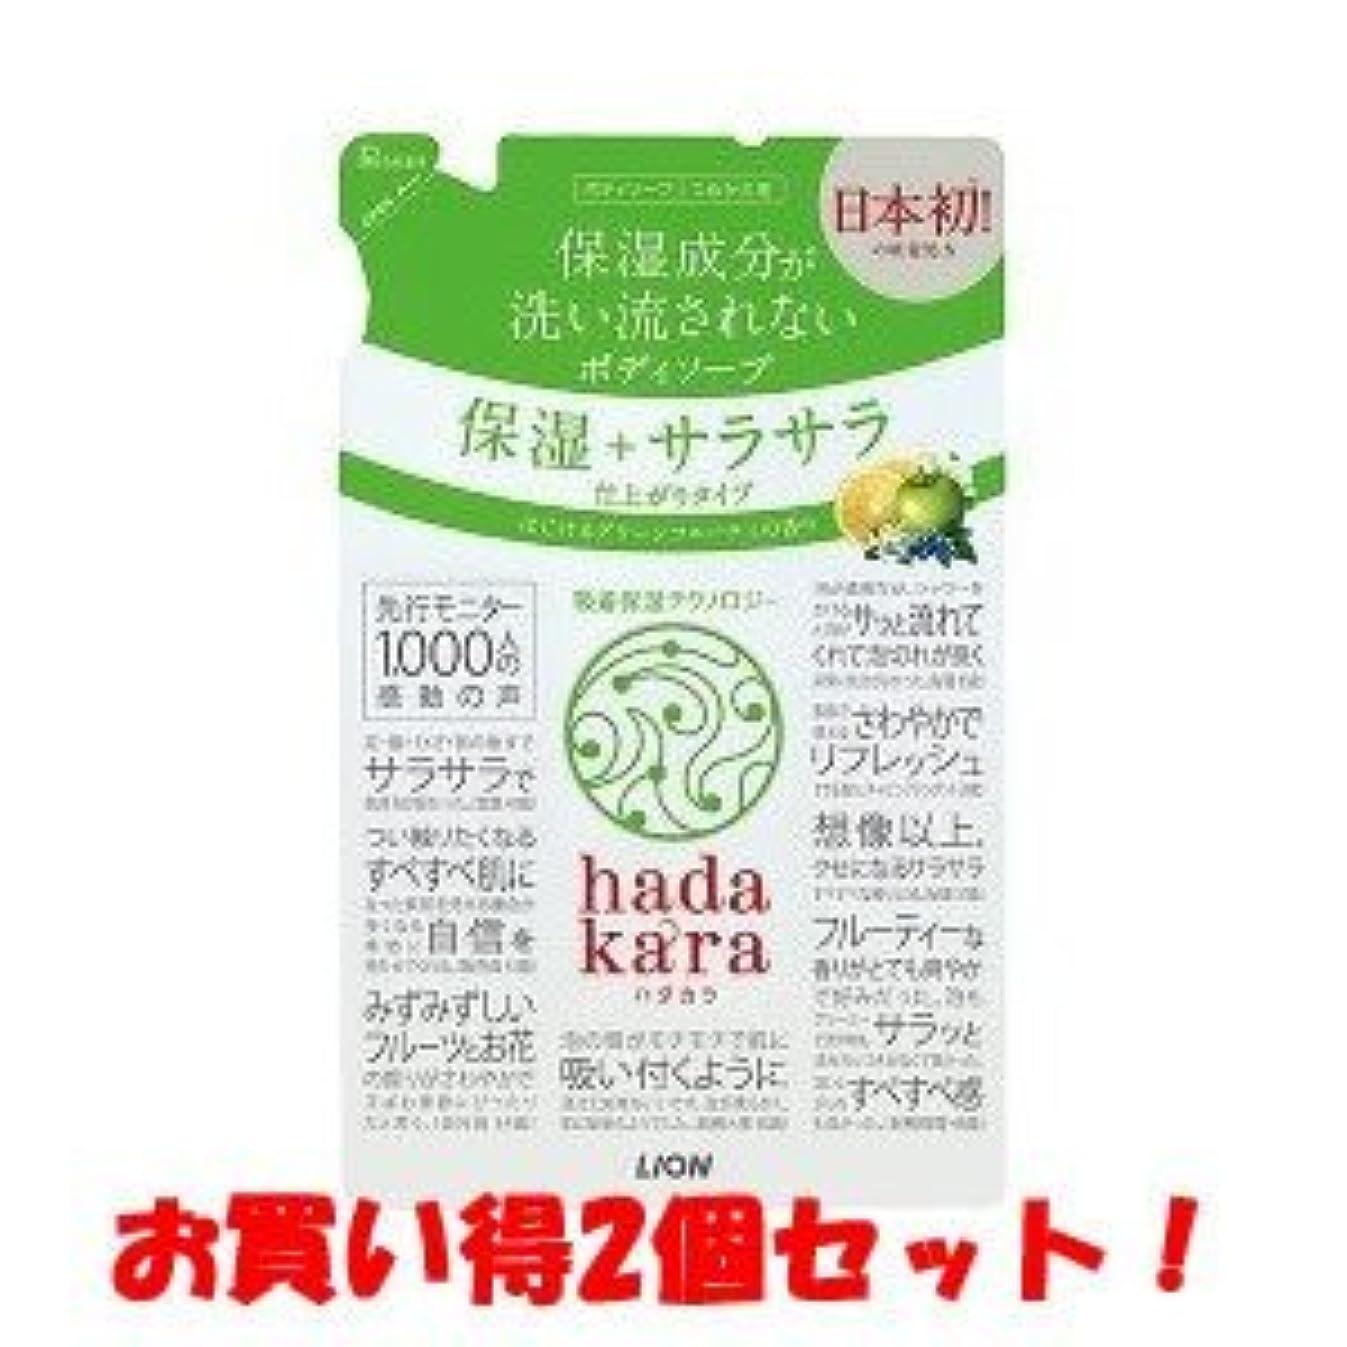 レッスンブレスあいまい(2017年新商品)(ライオン)hadakara(ハダカラ) ボディソープ 保湿+サラサラ仕上がりタイプ グリーンフルーティの香り つめかえ用 340ml(お買い得2個セット)